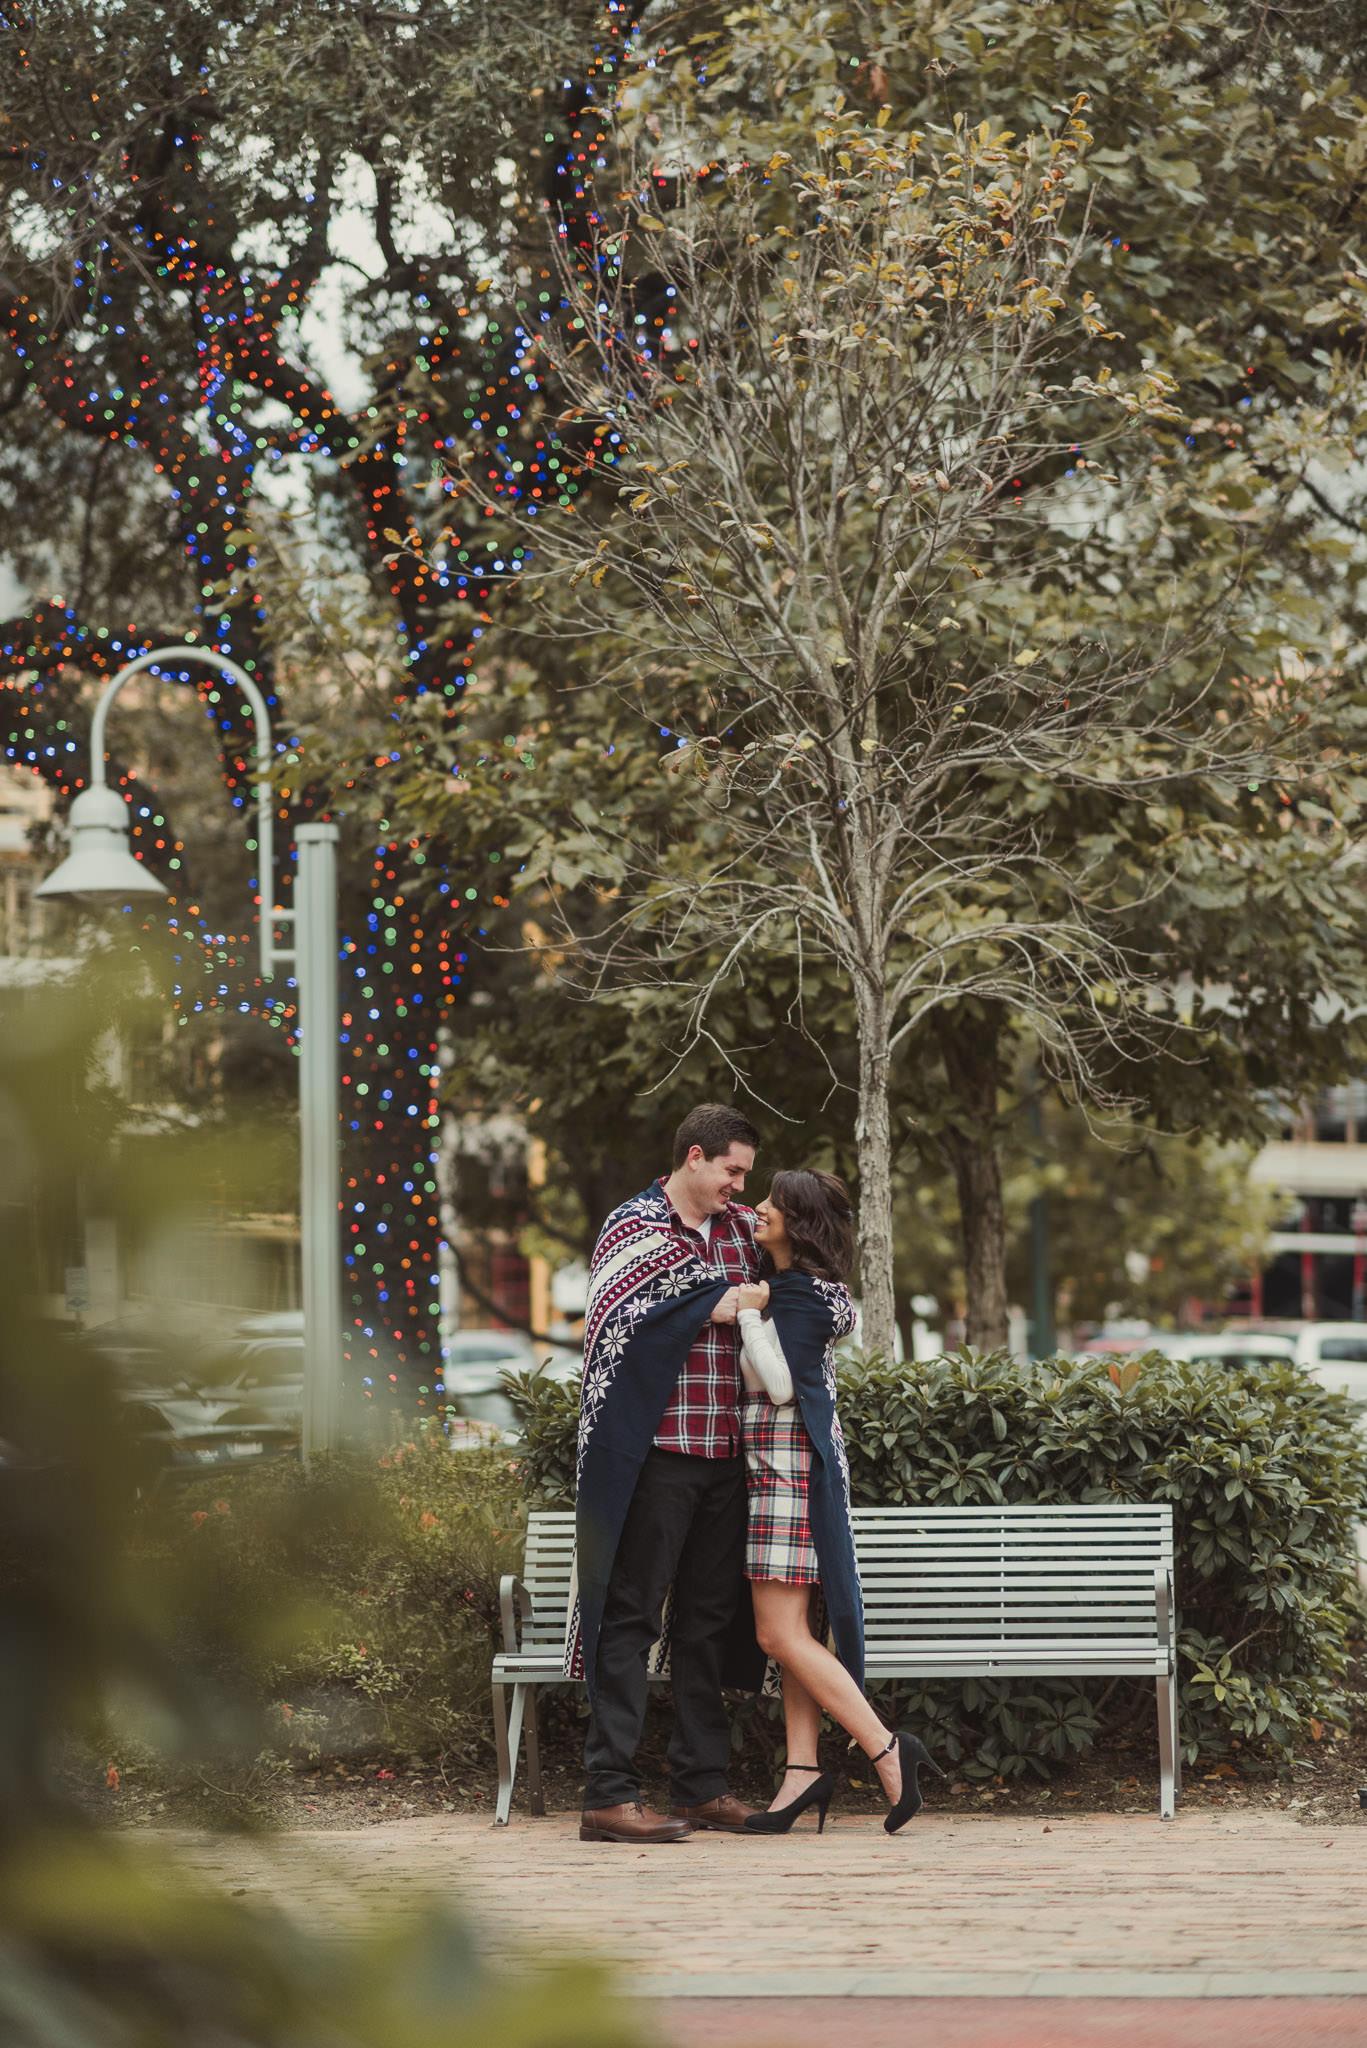 houston-main-street-lifestyle-colorful-holiday-engagement-photographer-market-square